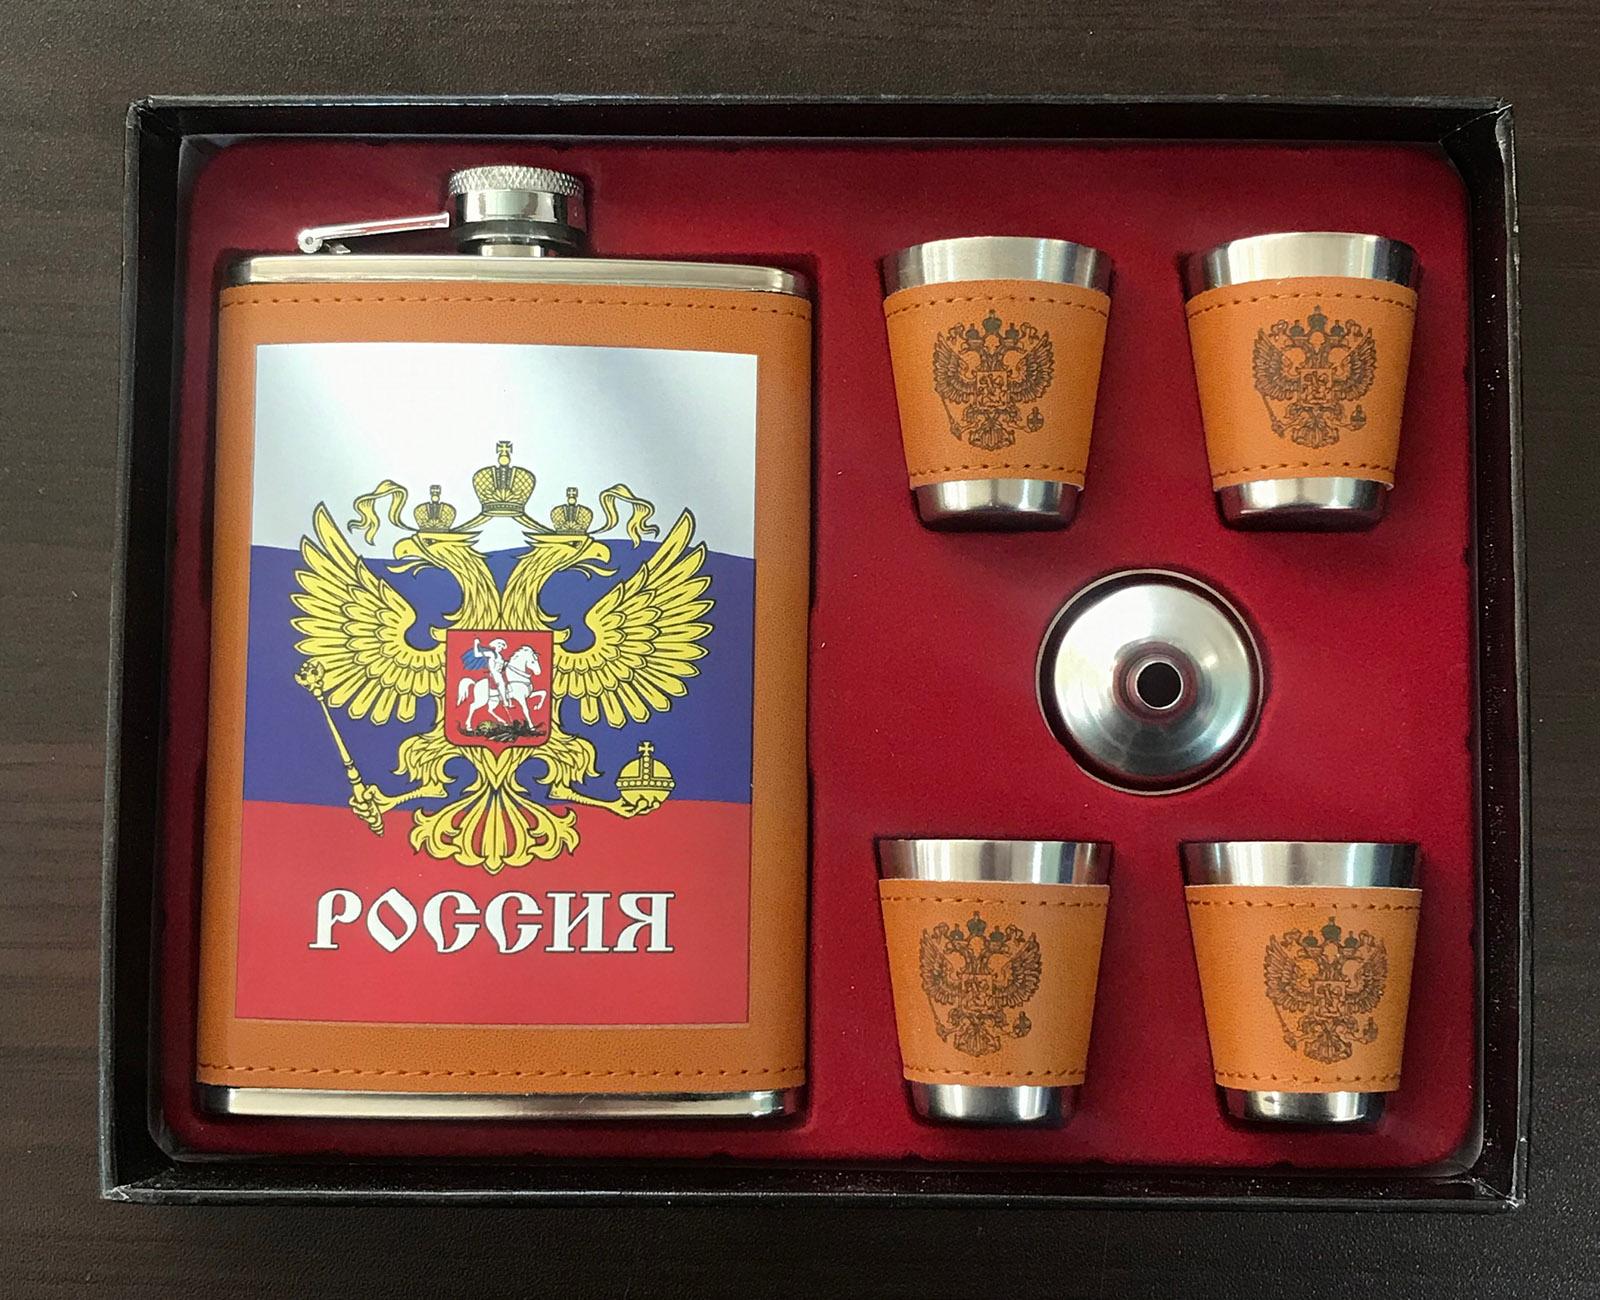 Фляжка для спиртного подарочная по лучшей цене только в военторге Военпро